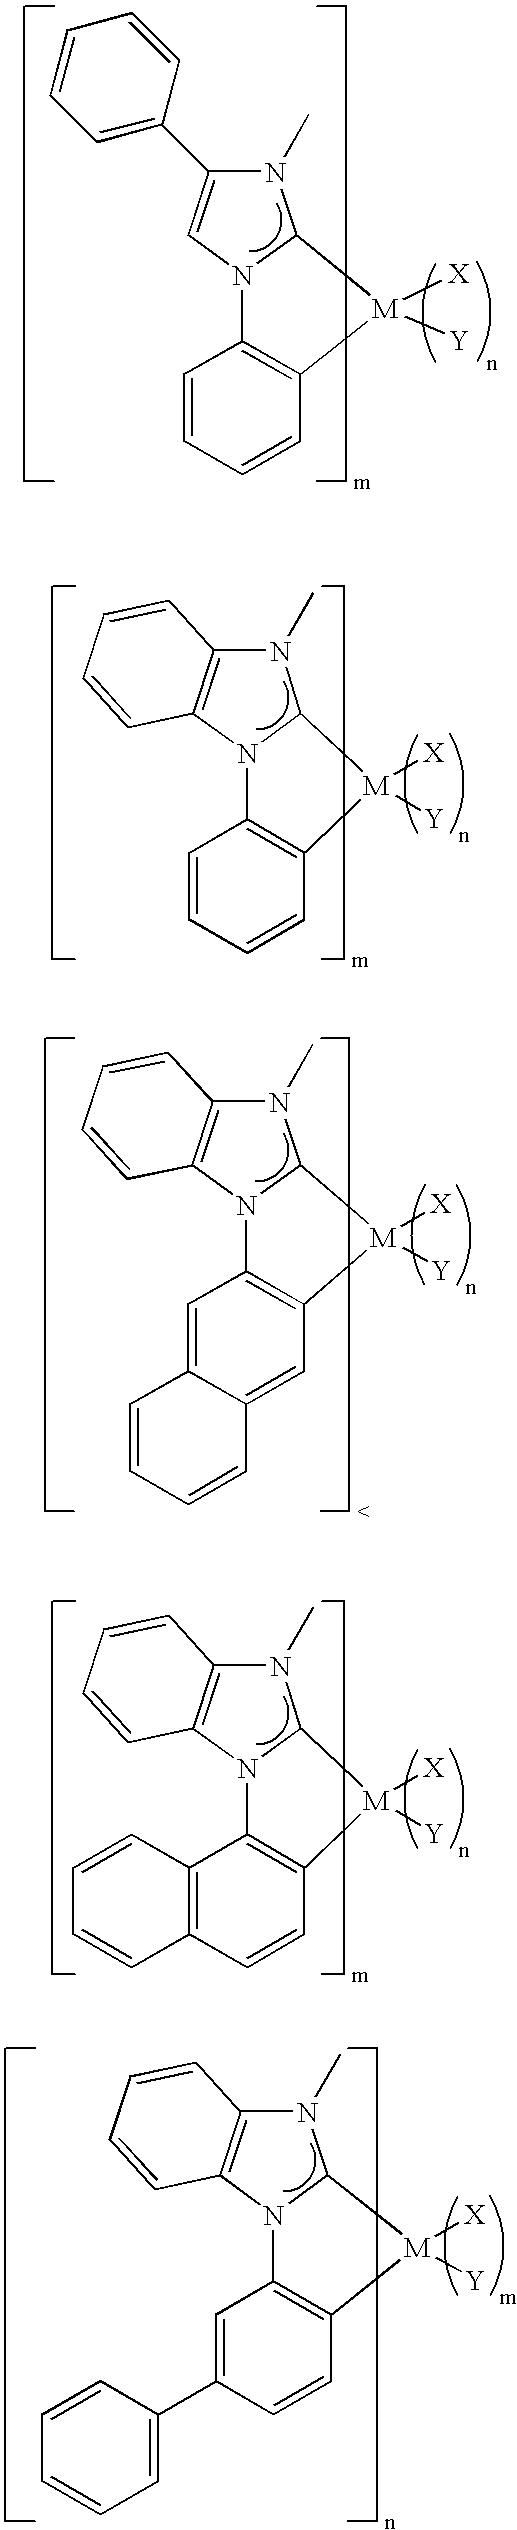 Figure US20090140640A1-20090604-C00031